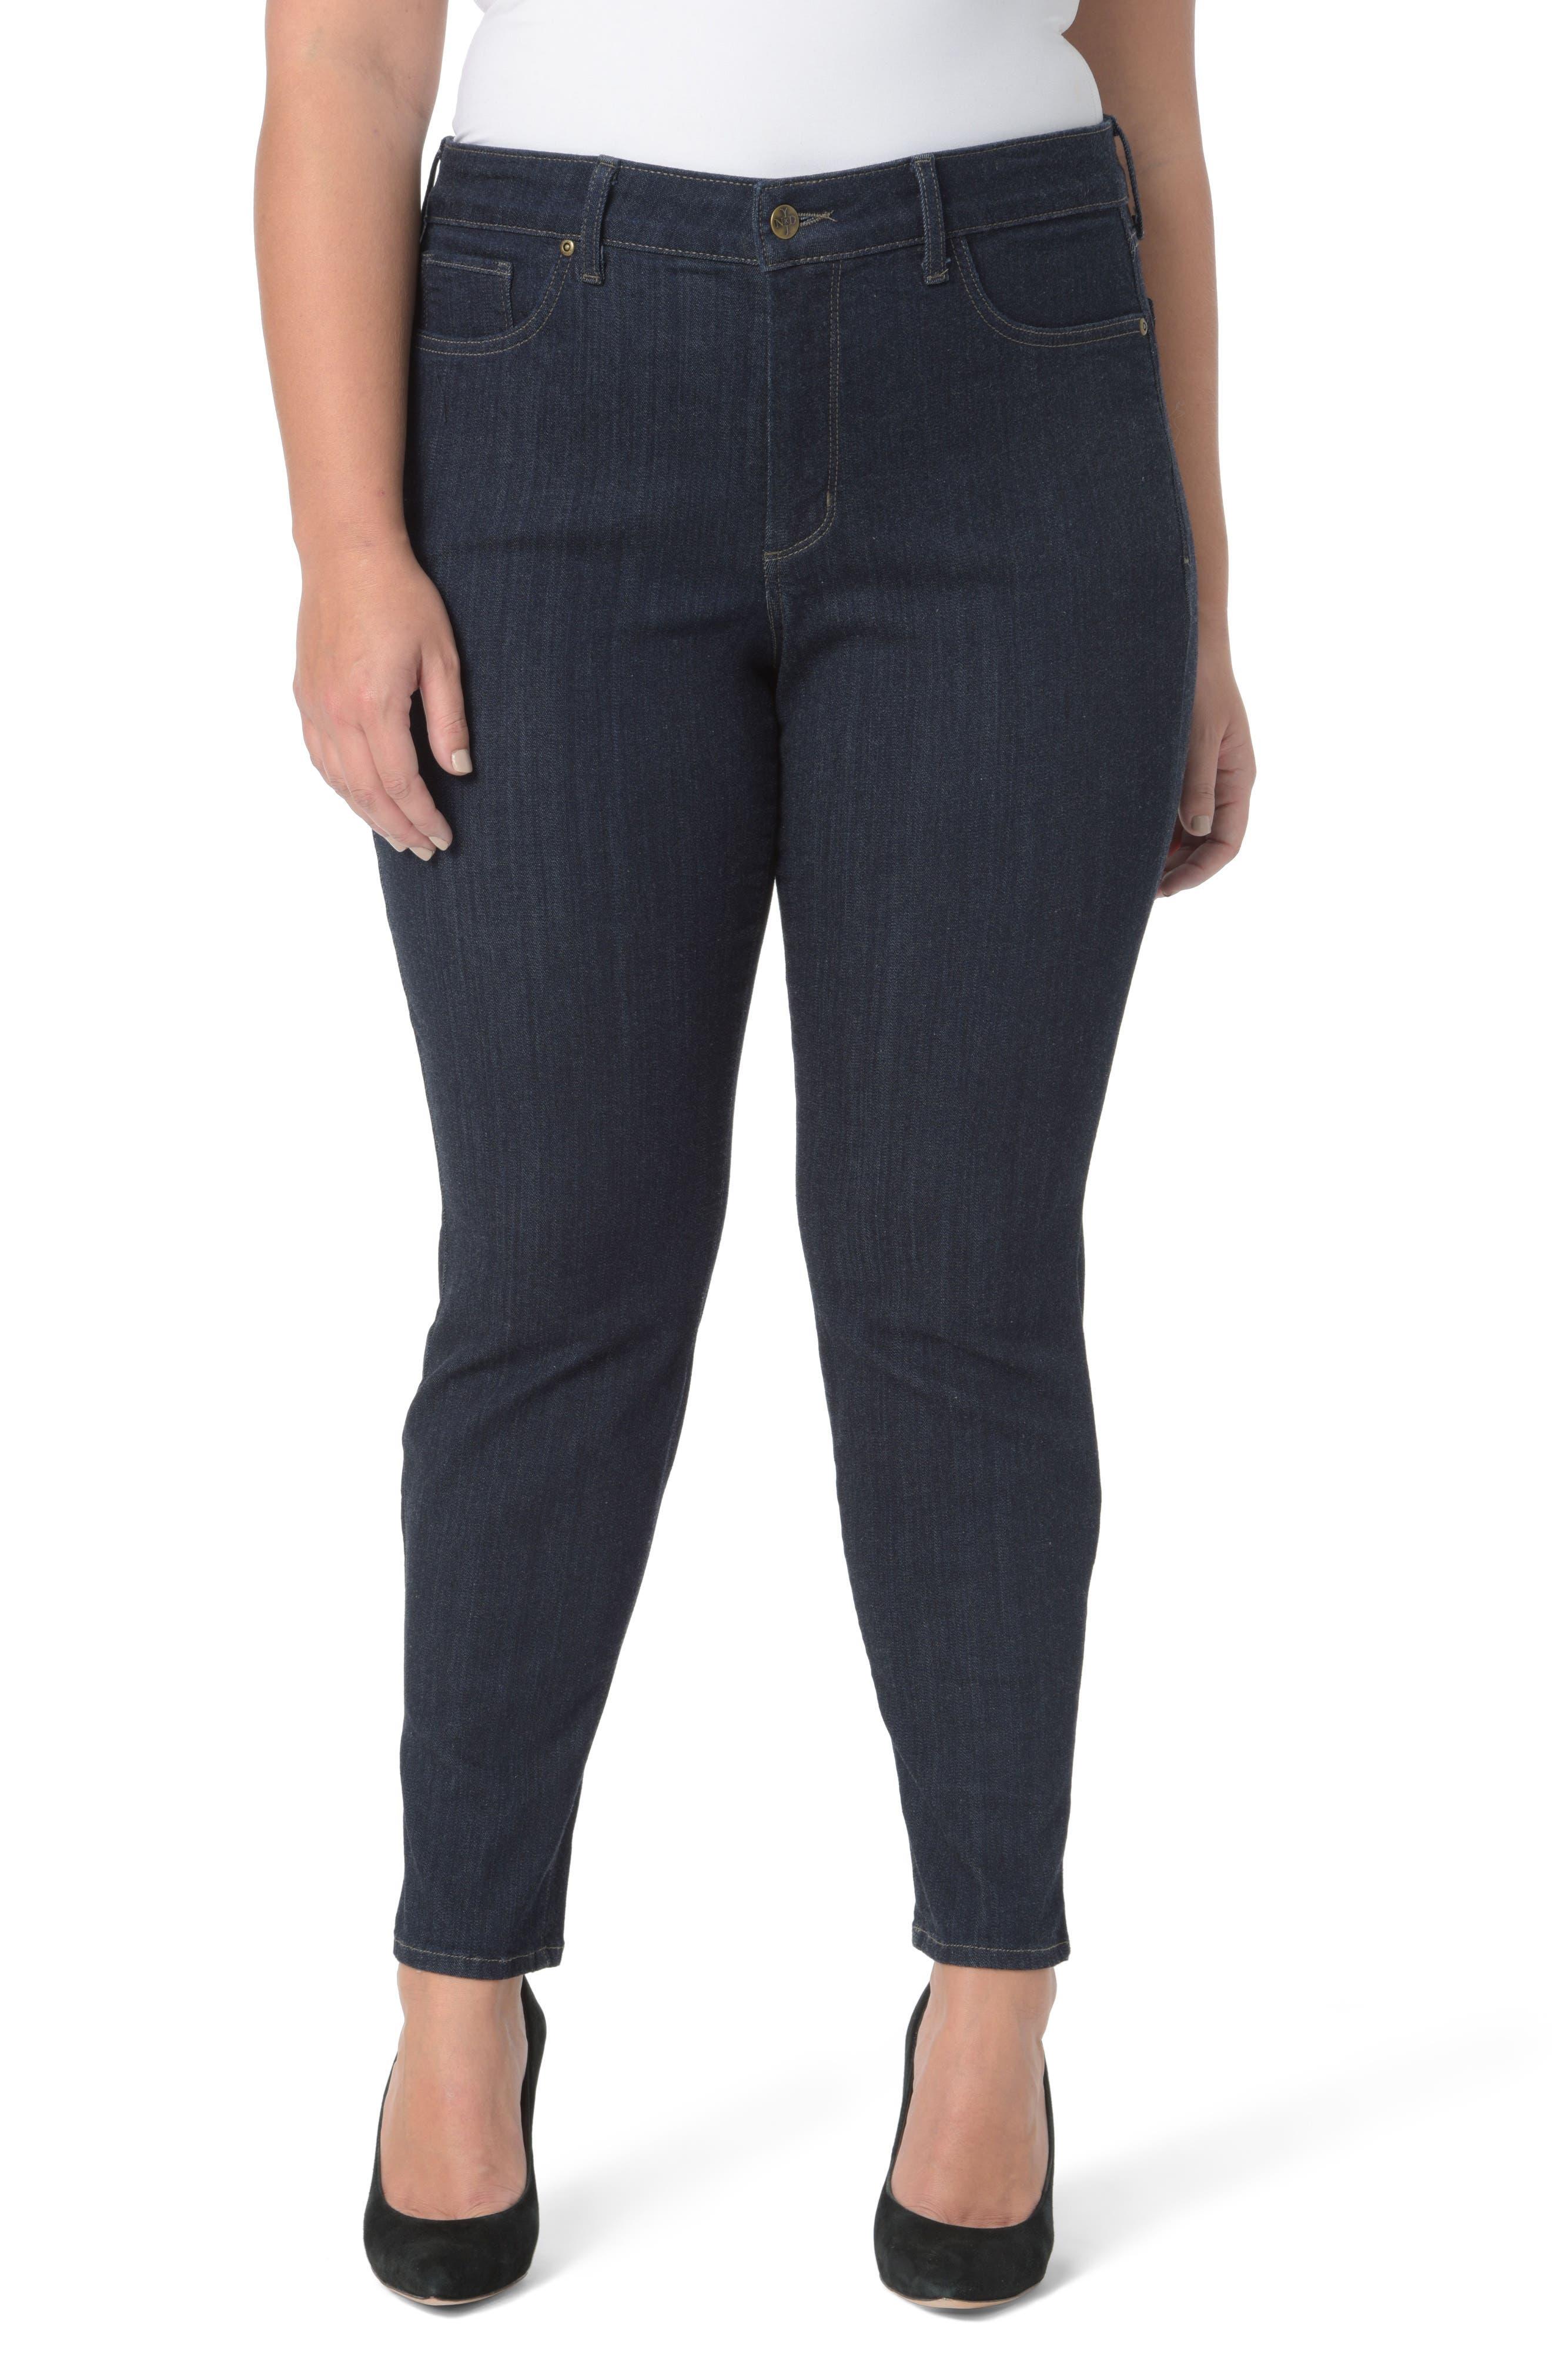 Ami Skinny Legging Jeans,                             Main thumbnail 1, color,                             Mabel